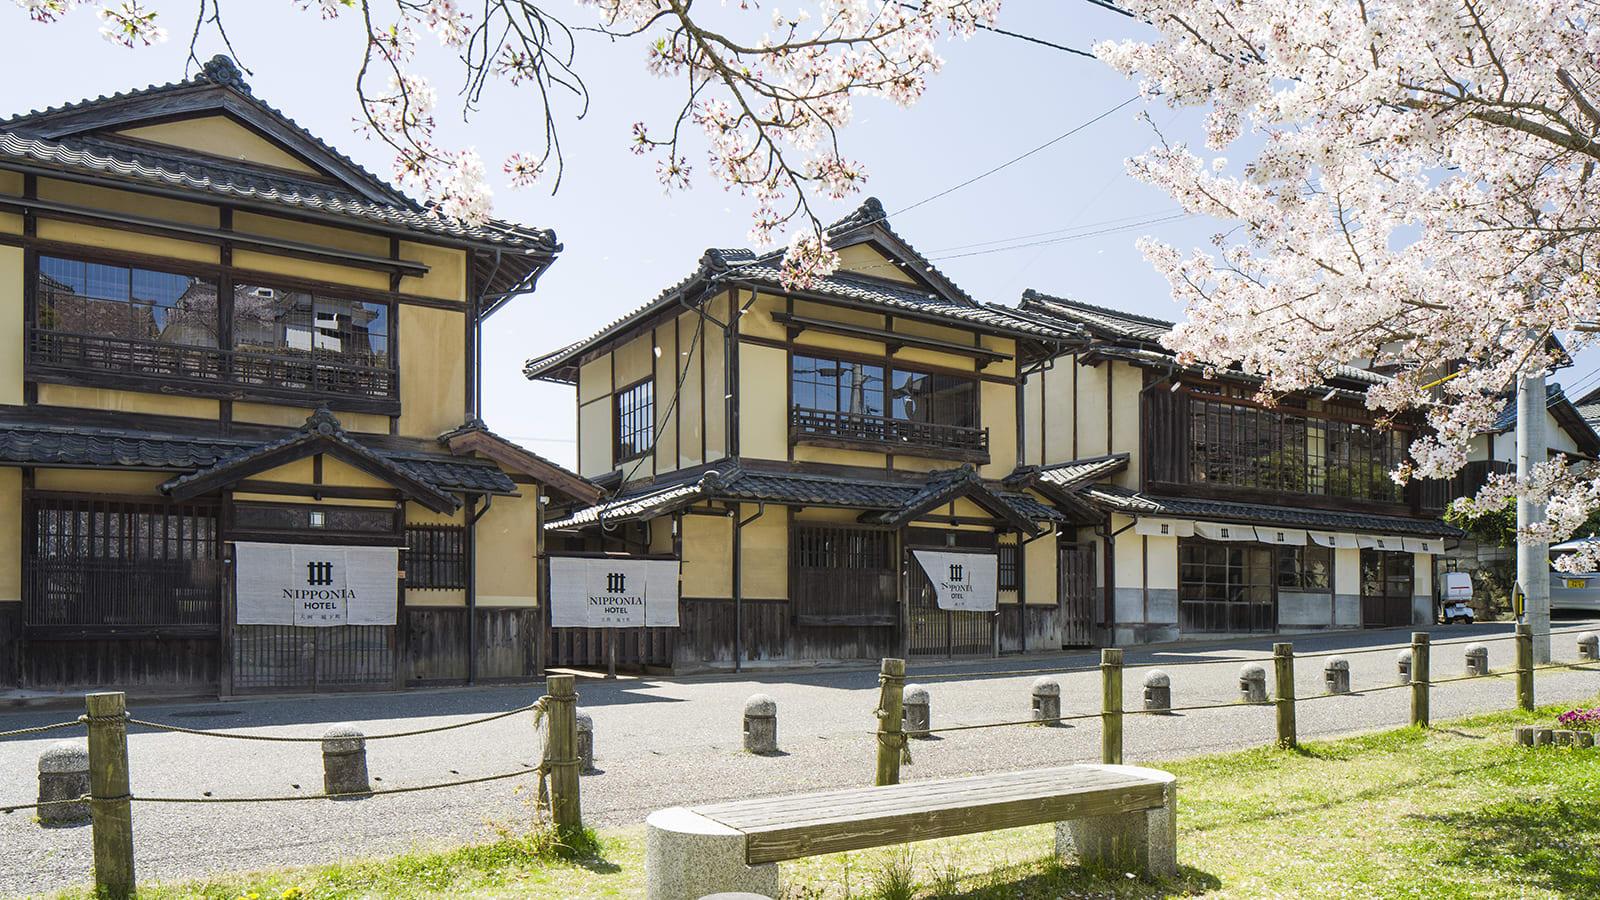 عش كأنك من زعماء القرون الوسطى داخل قلعة عمرها 400 عام في اليابان